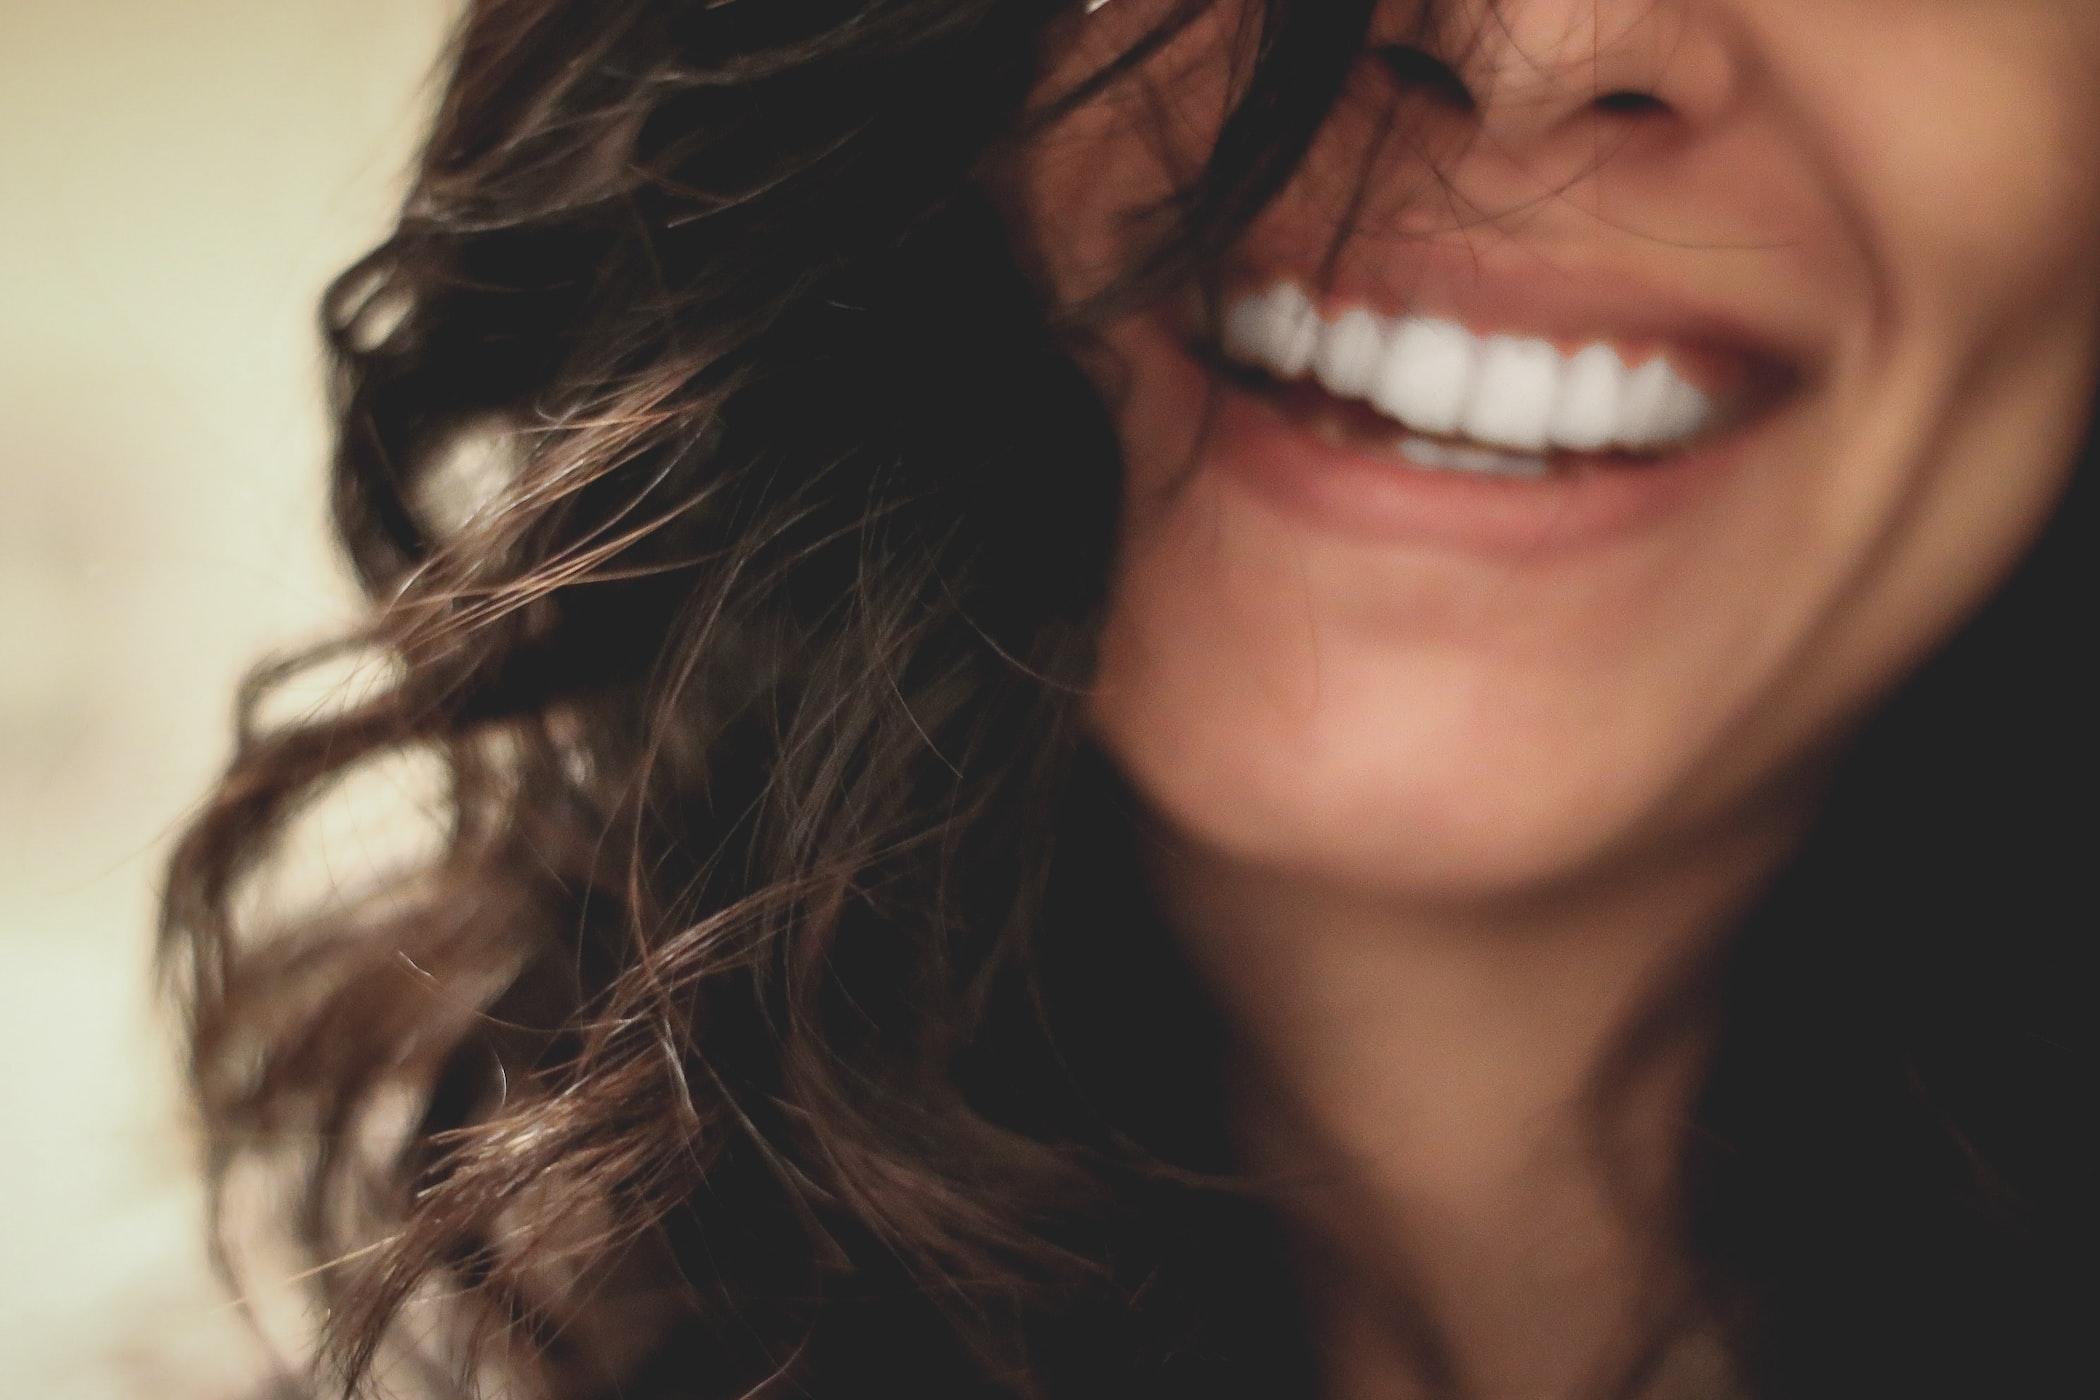 受験当日に親がすべきこと「笑顔で通り送り出してあげる」